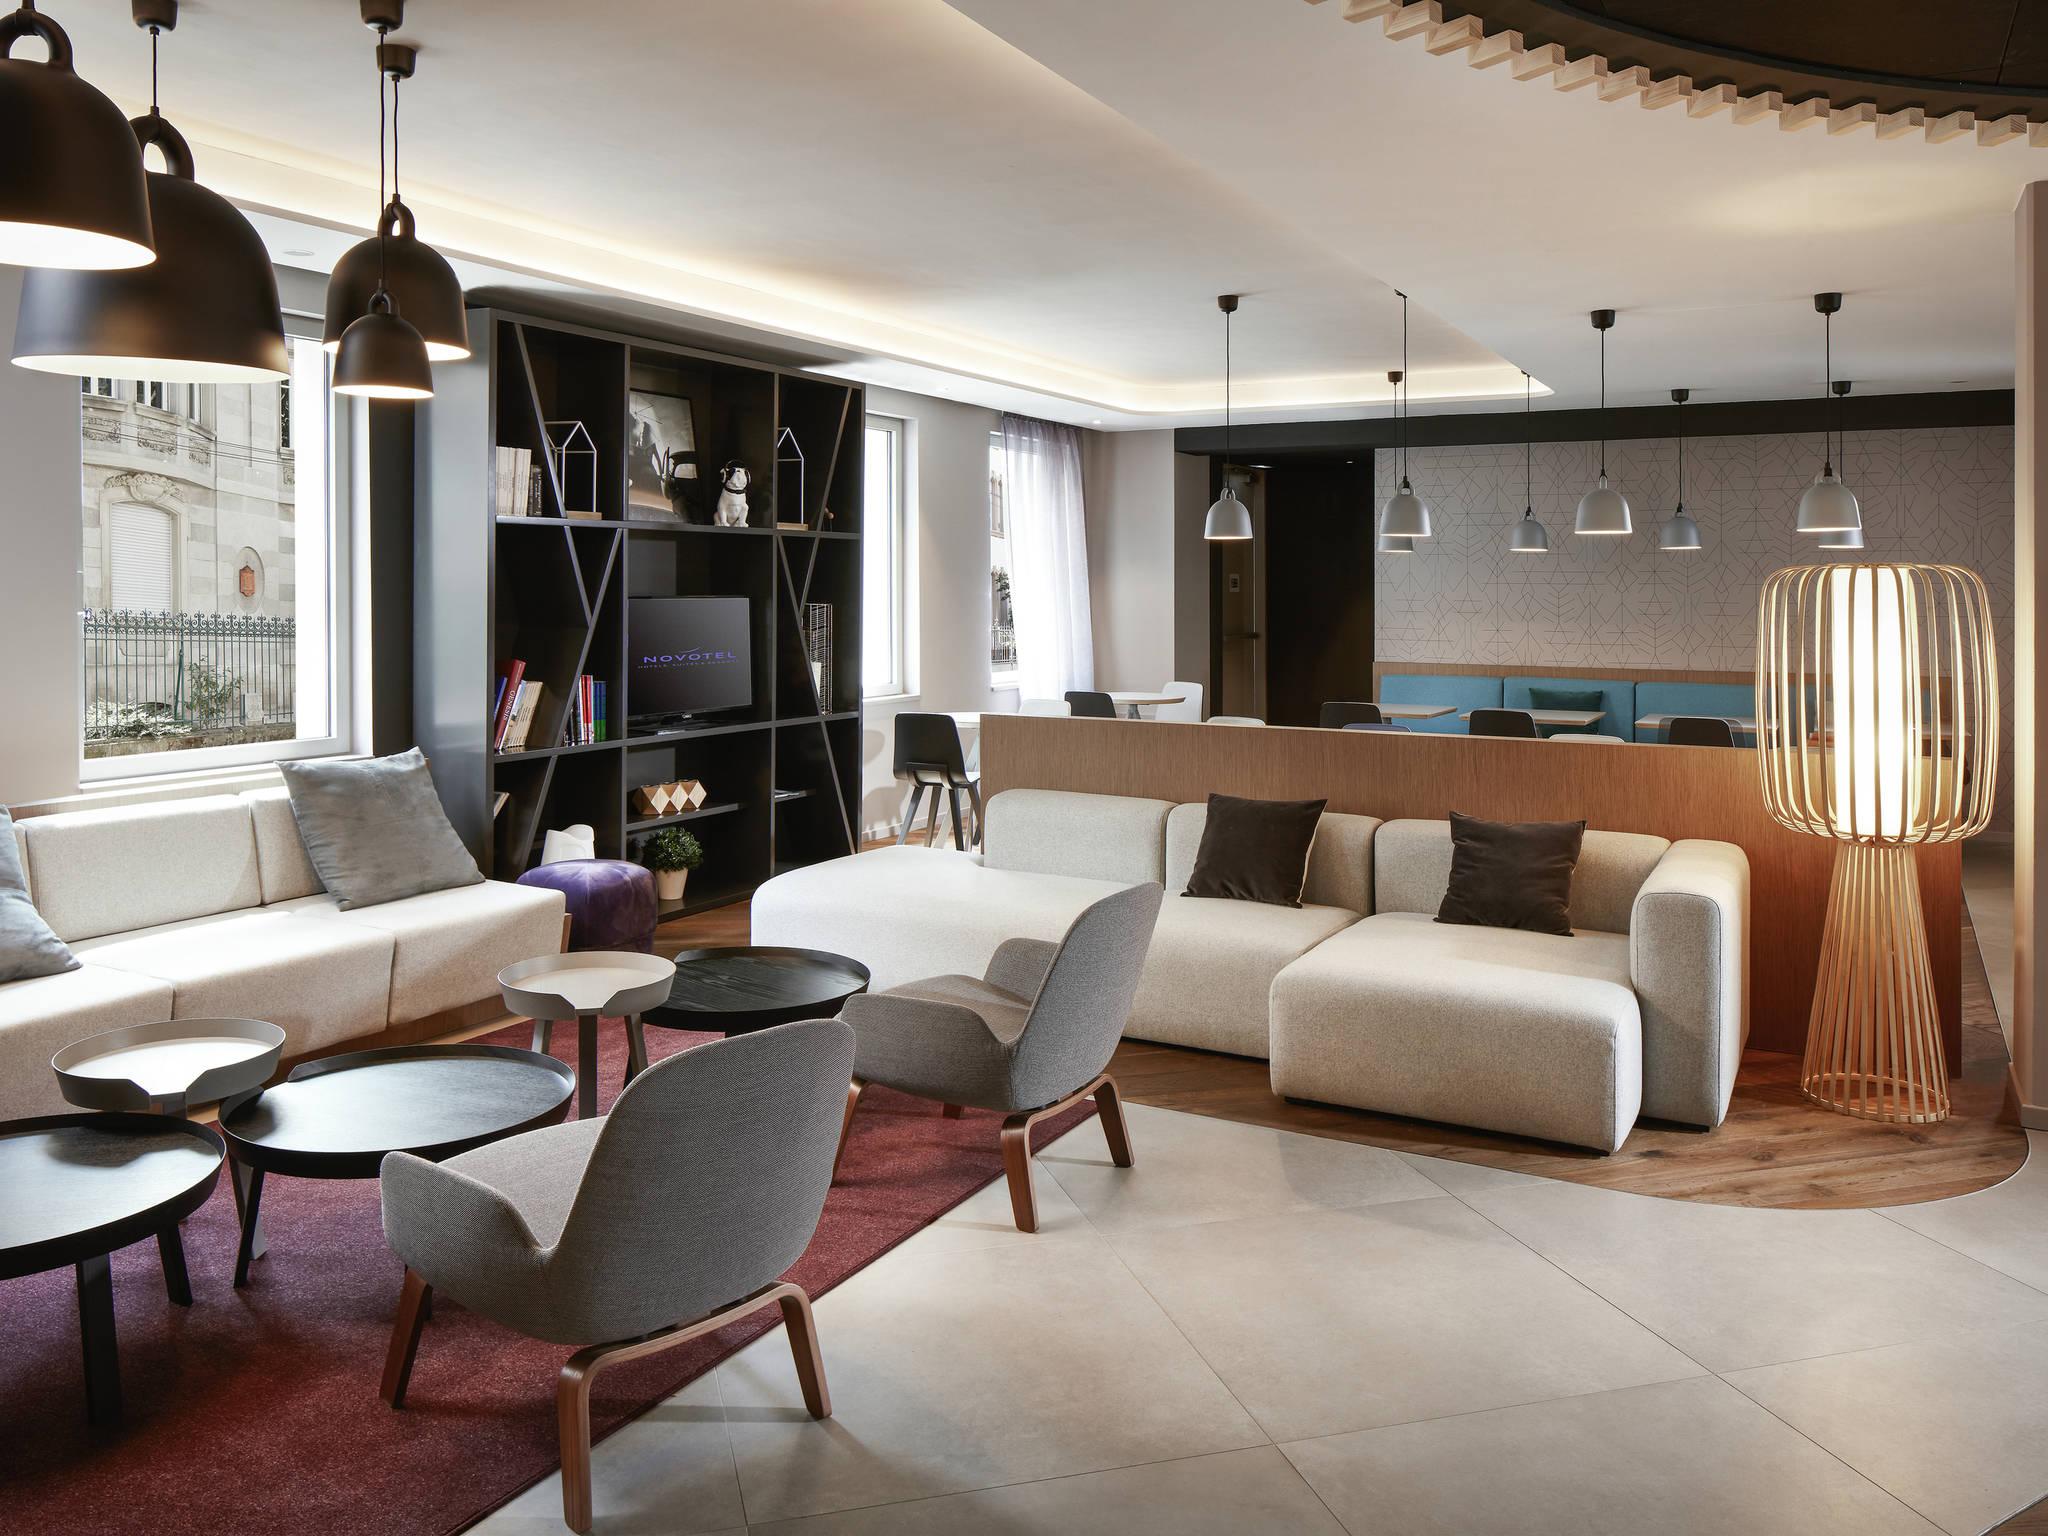 Отель — Novotel Suites Кольмар Центр (открытие в апреле 2018 г.)